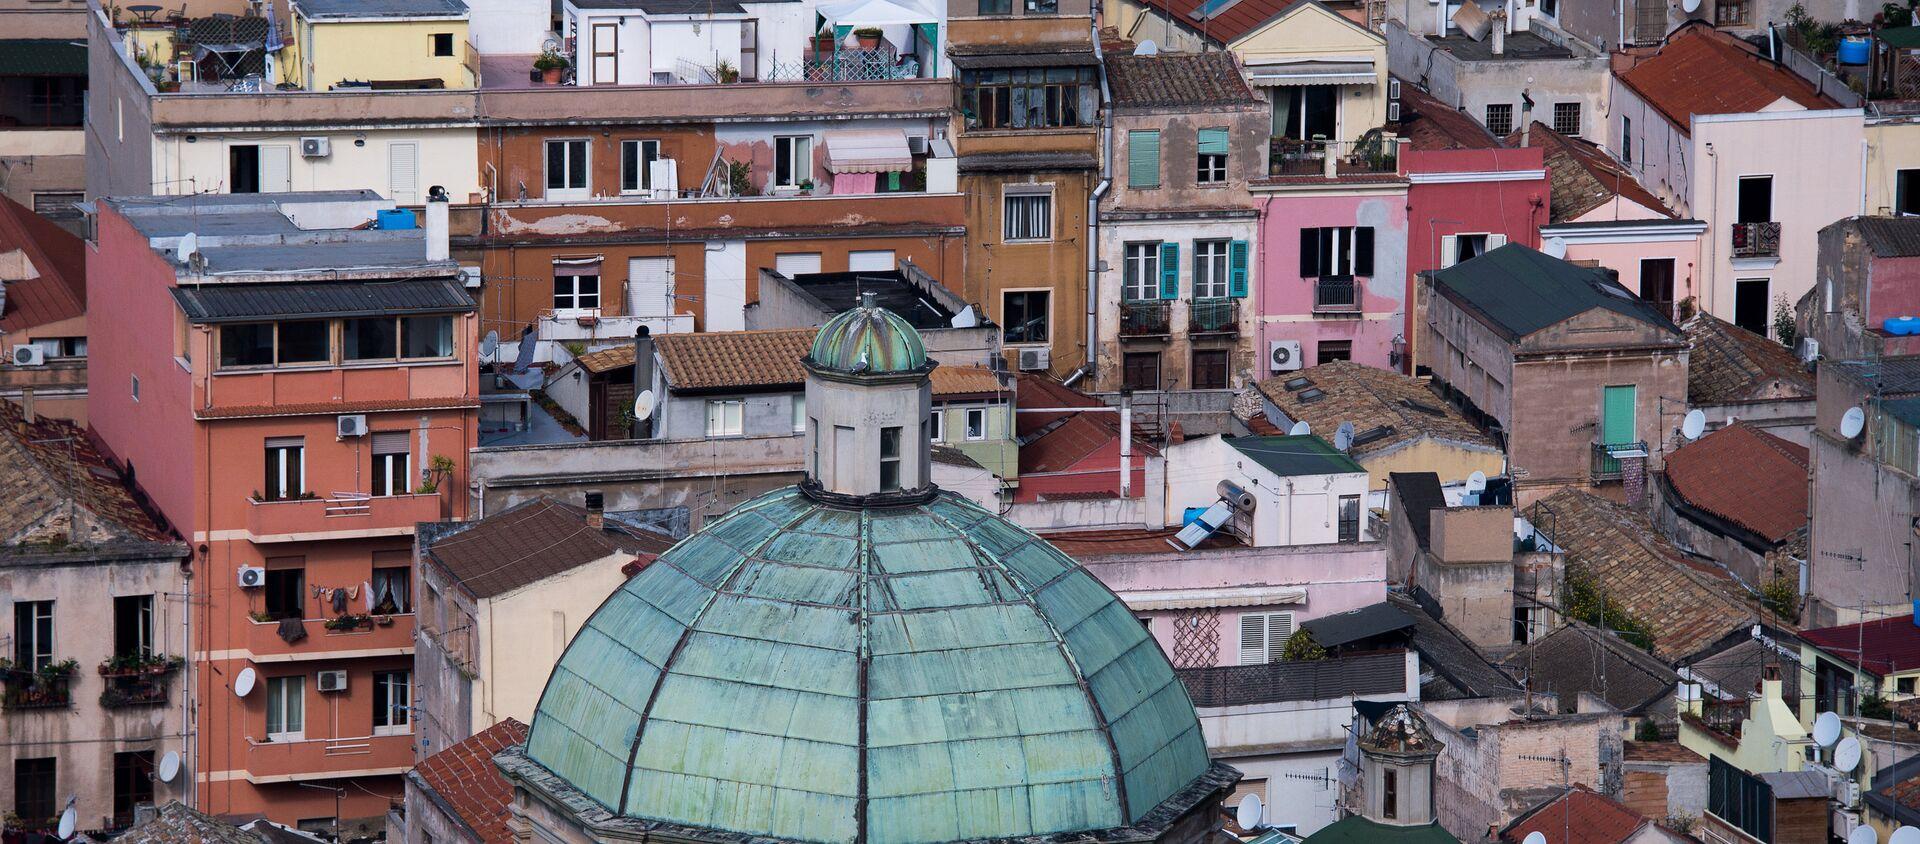 Cagliari, Sardegna - Sputnik Italia, 1920, 21.03.2021